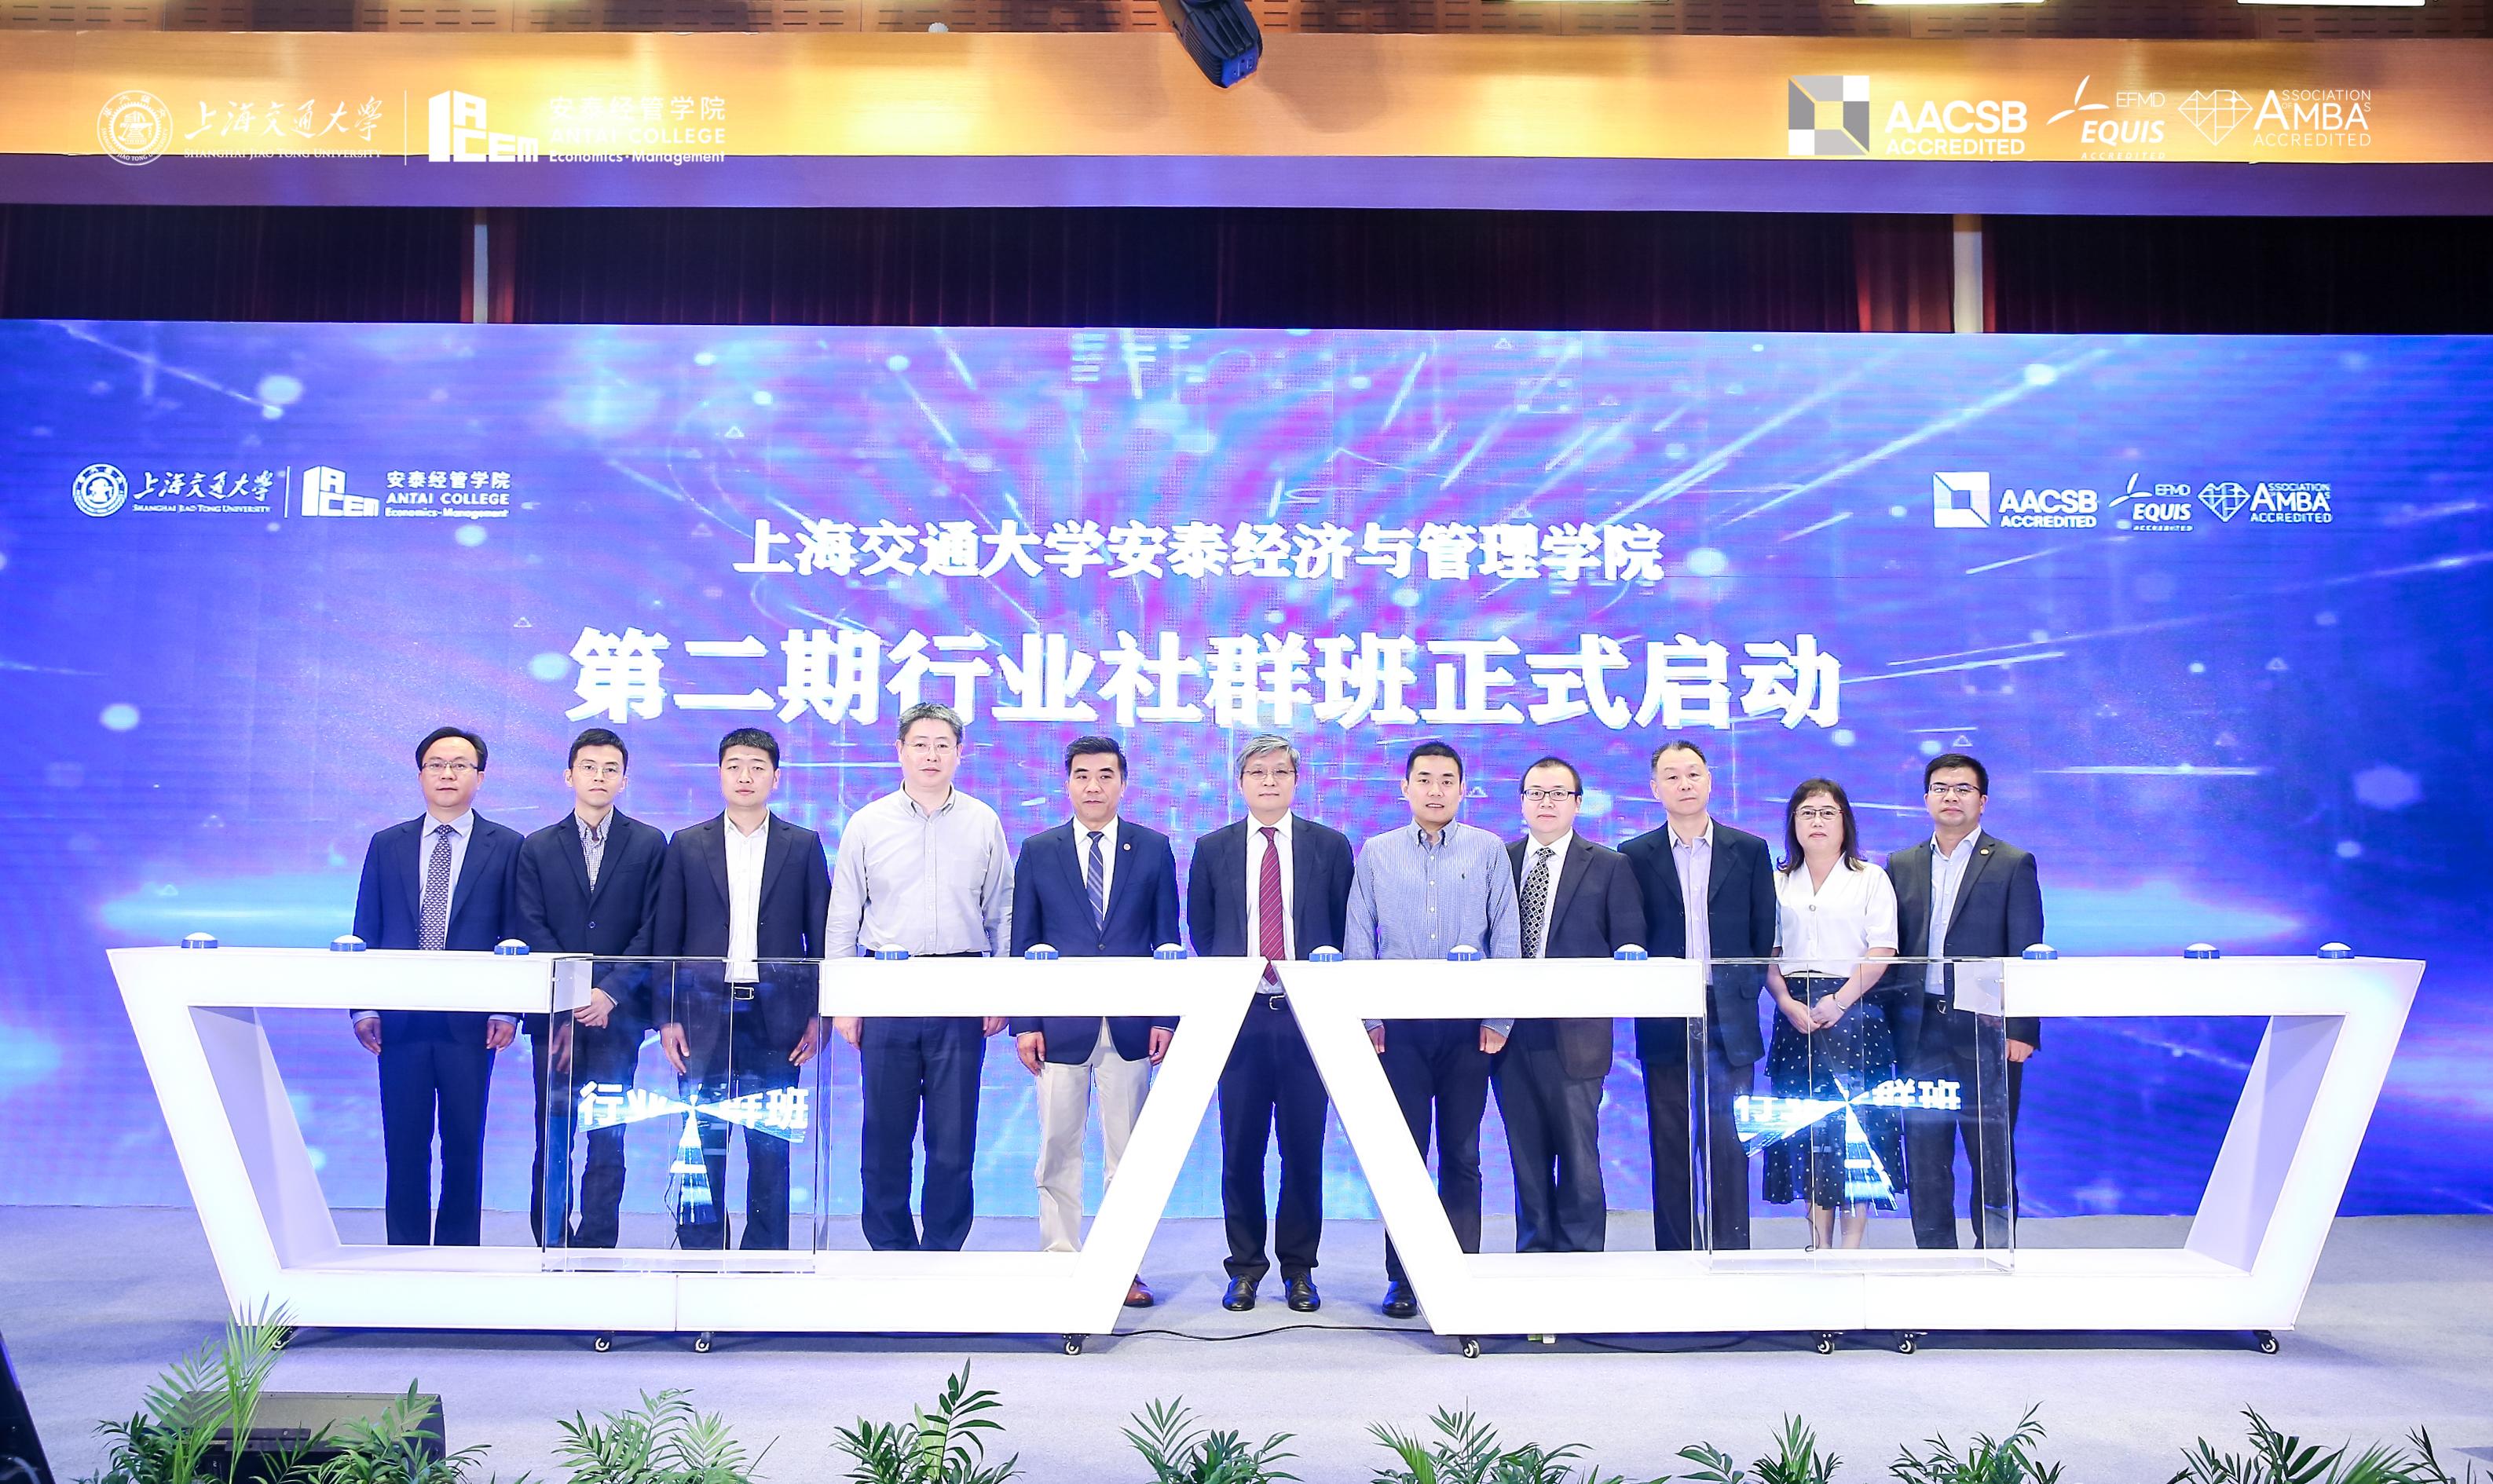 """互联网的下一个爆发点也许就是医疗行业,上海交大""""安泰交响""""高峰论坛,人工智能、大健康和新零售探讨行业聚变"""